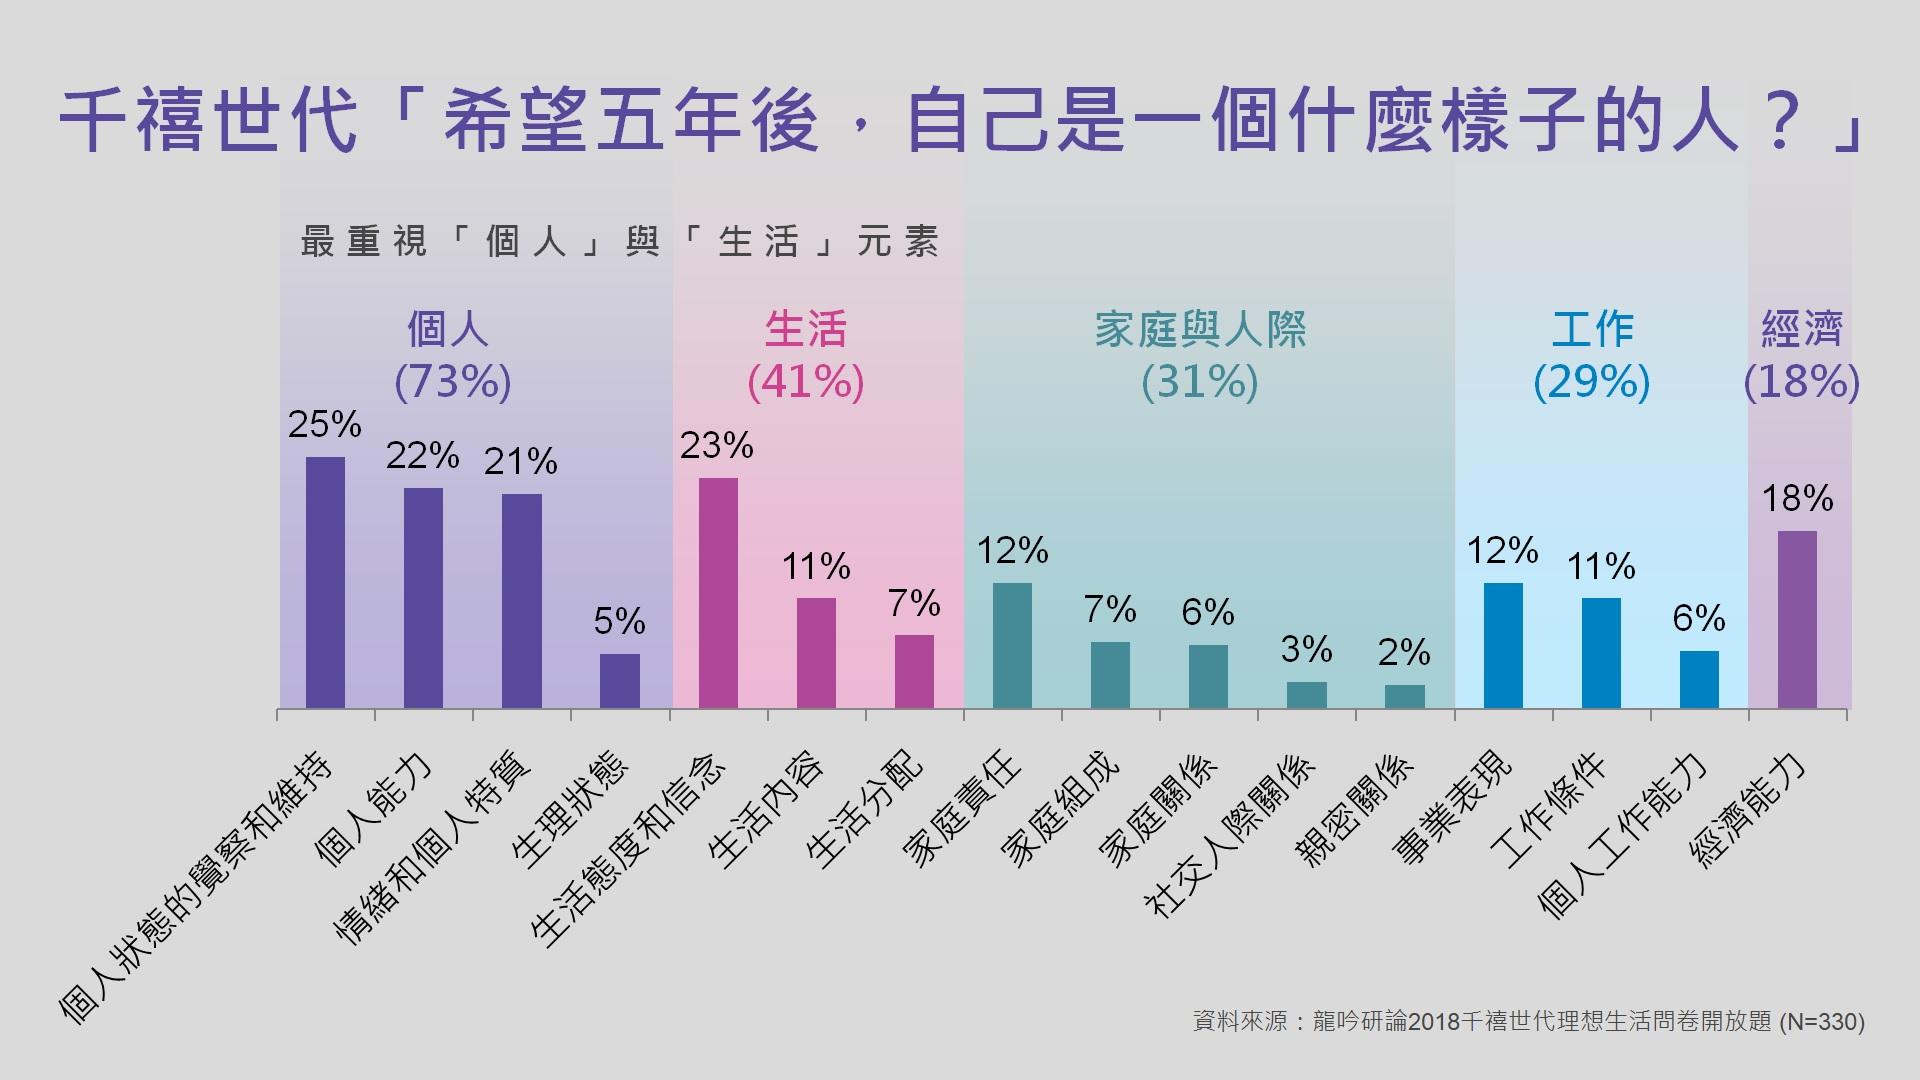 %e4%bc%91%e9%96%92%e6%96%87%e9%a1%af%e5%9c%96